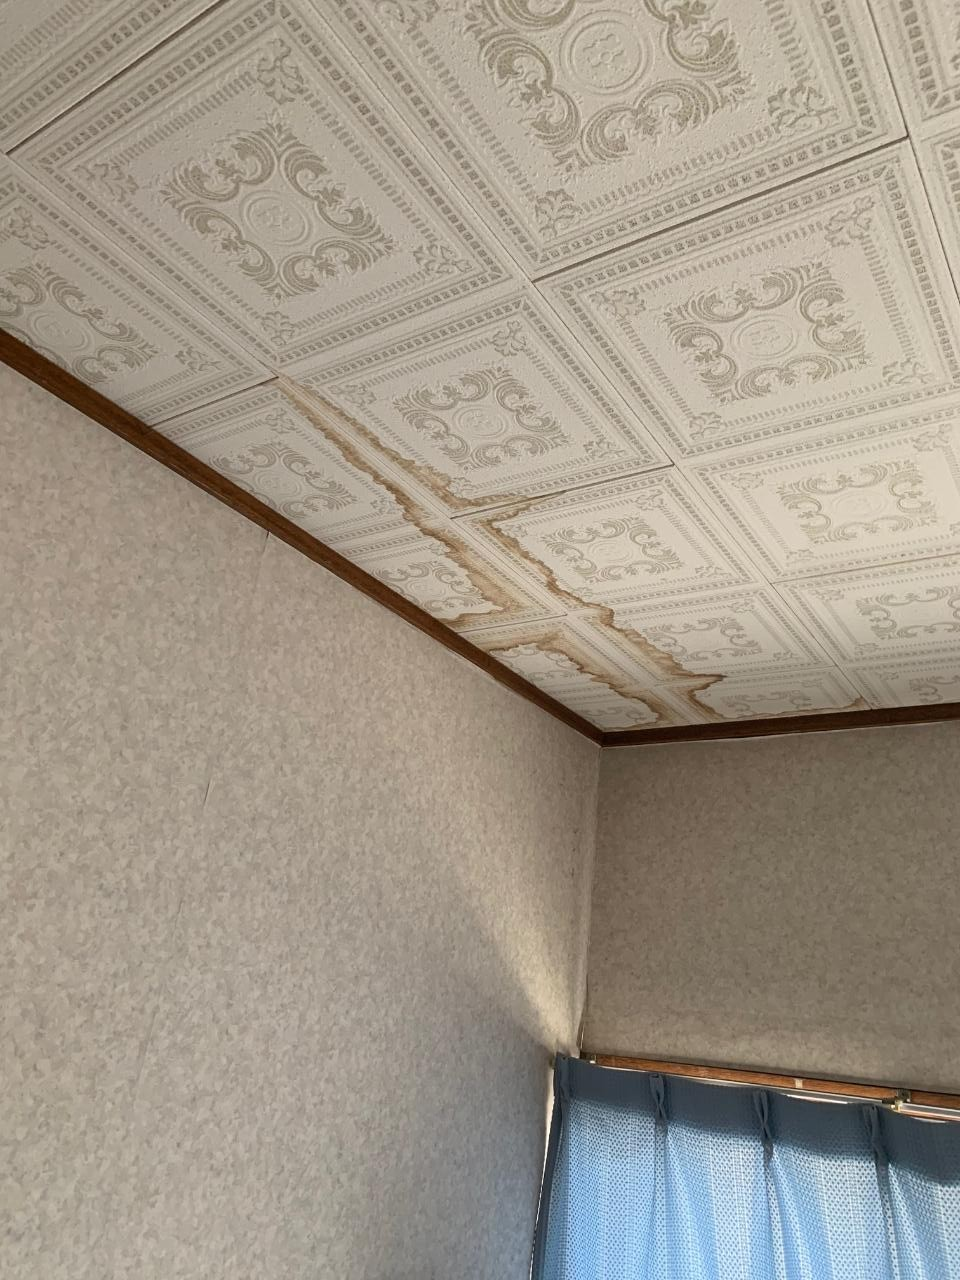 トイレの天井のシミの様子